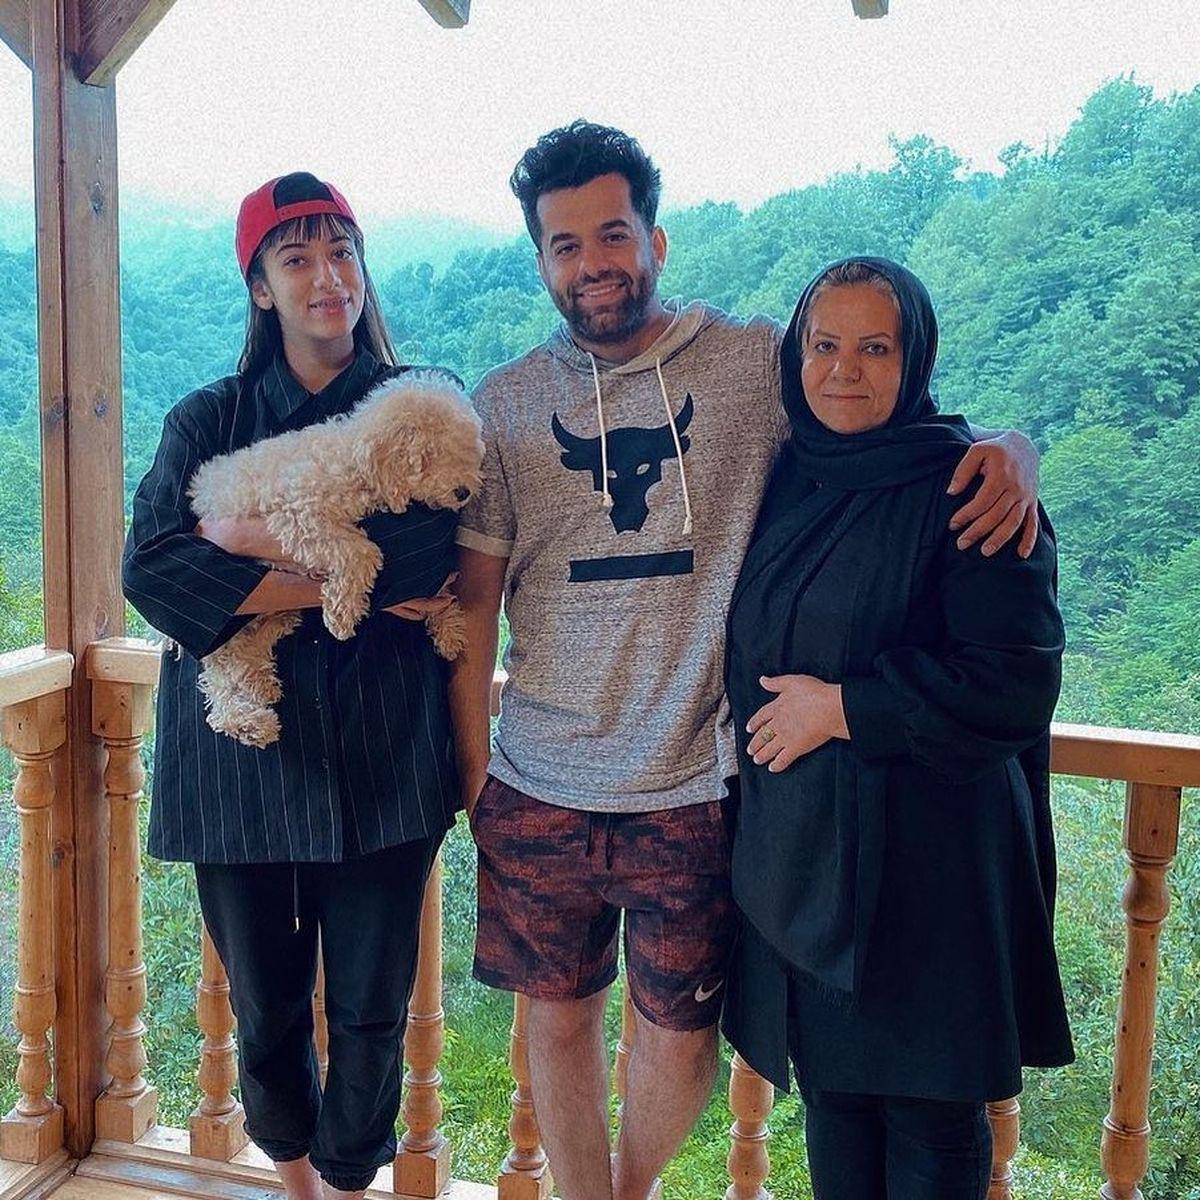 رضا بهرام و خواهر و مادرش در ویلای لوکسشان + عکس